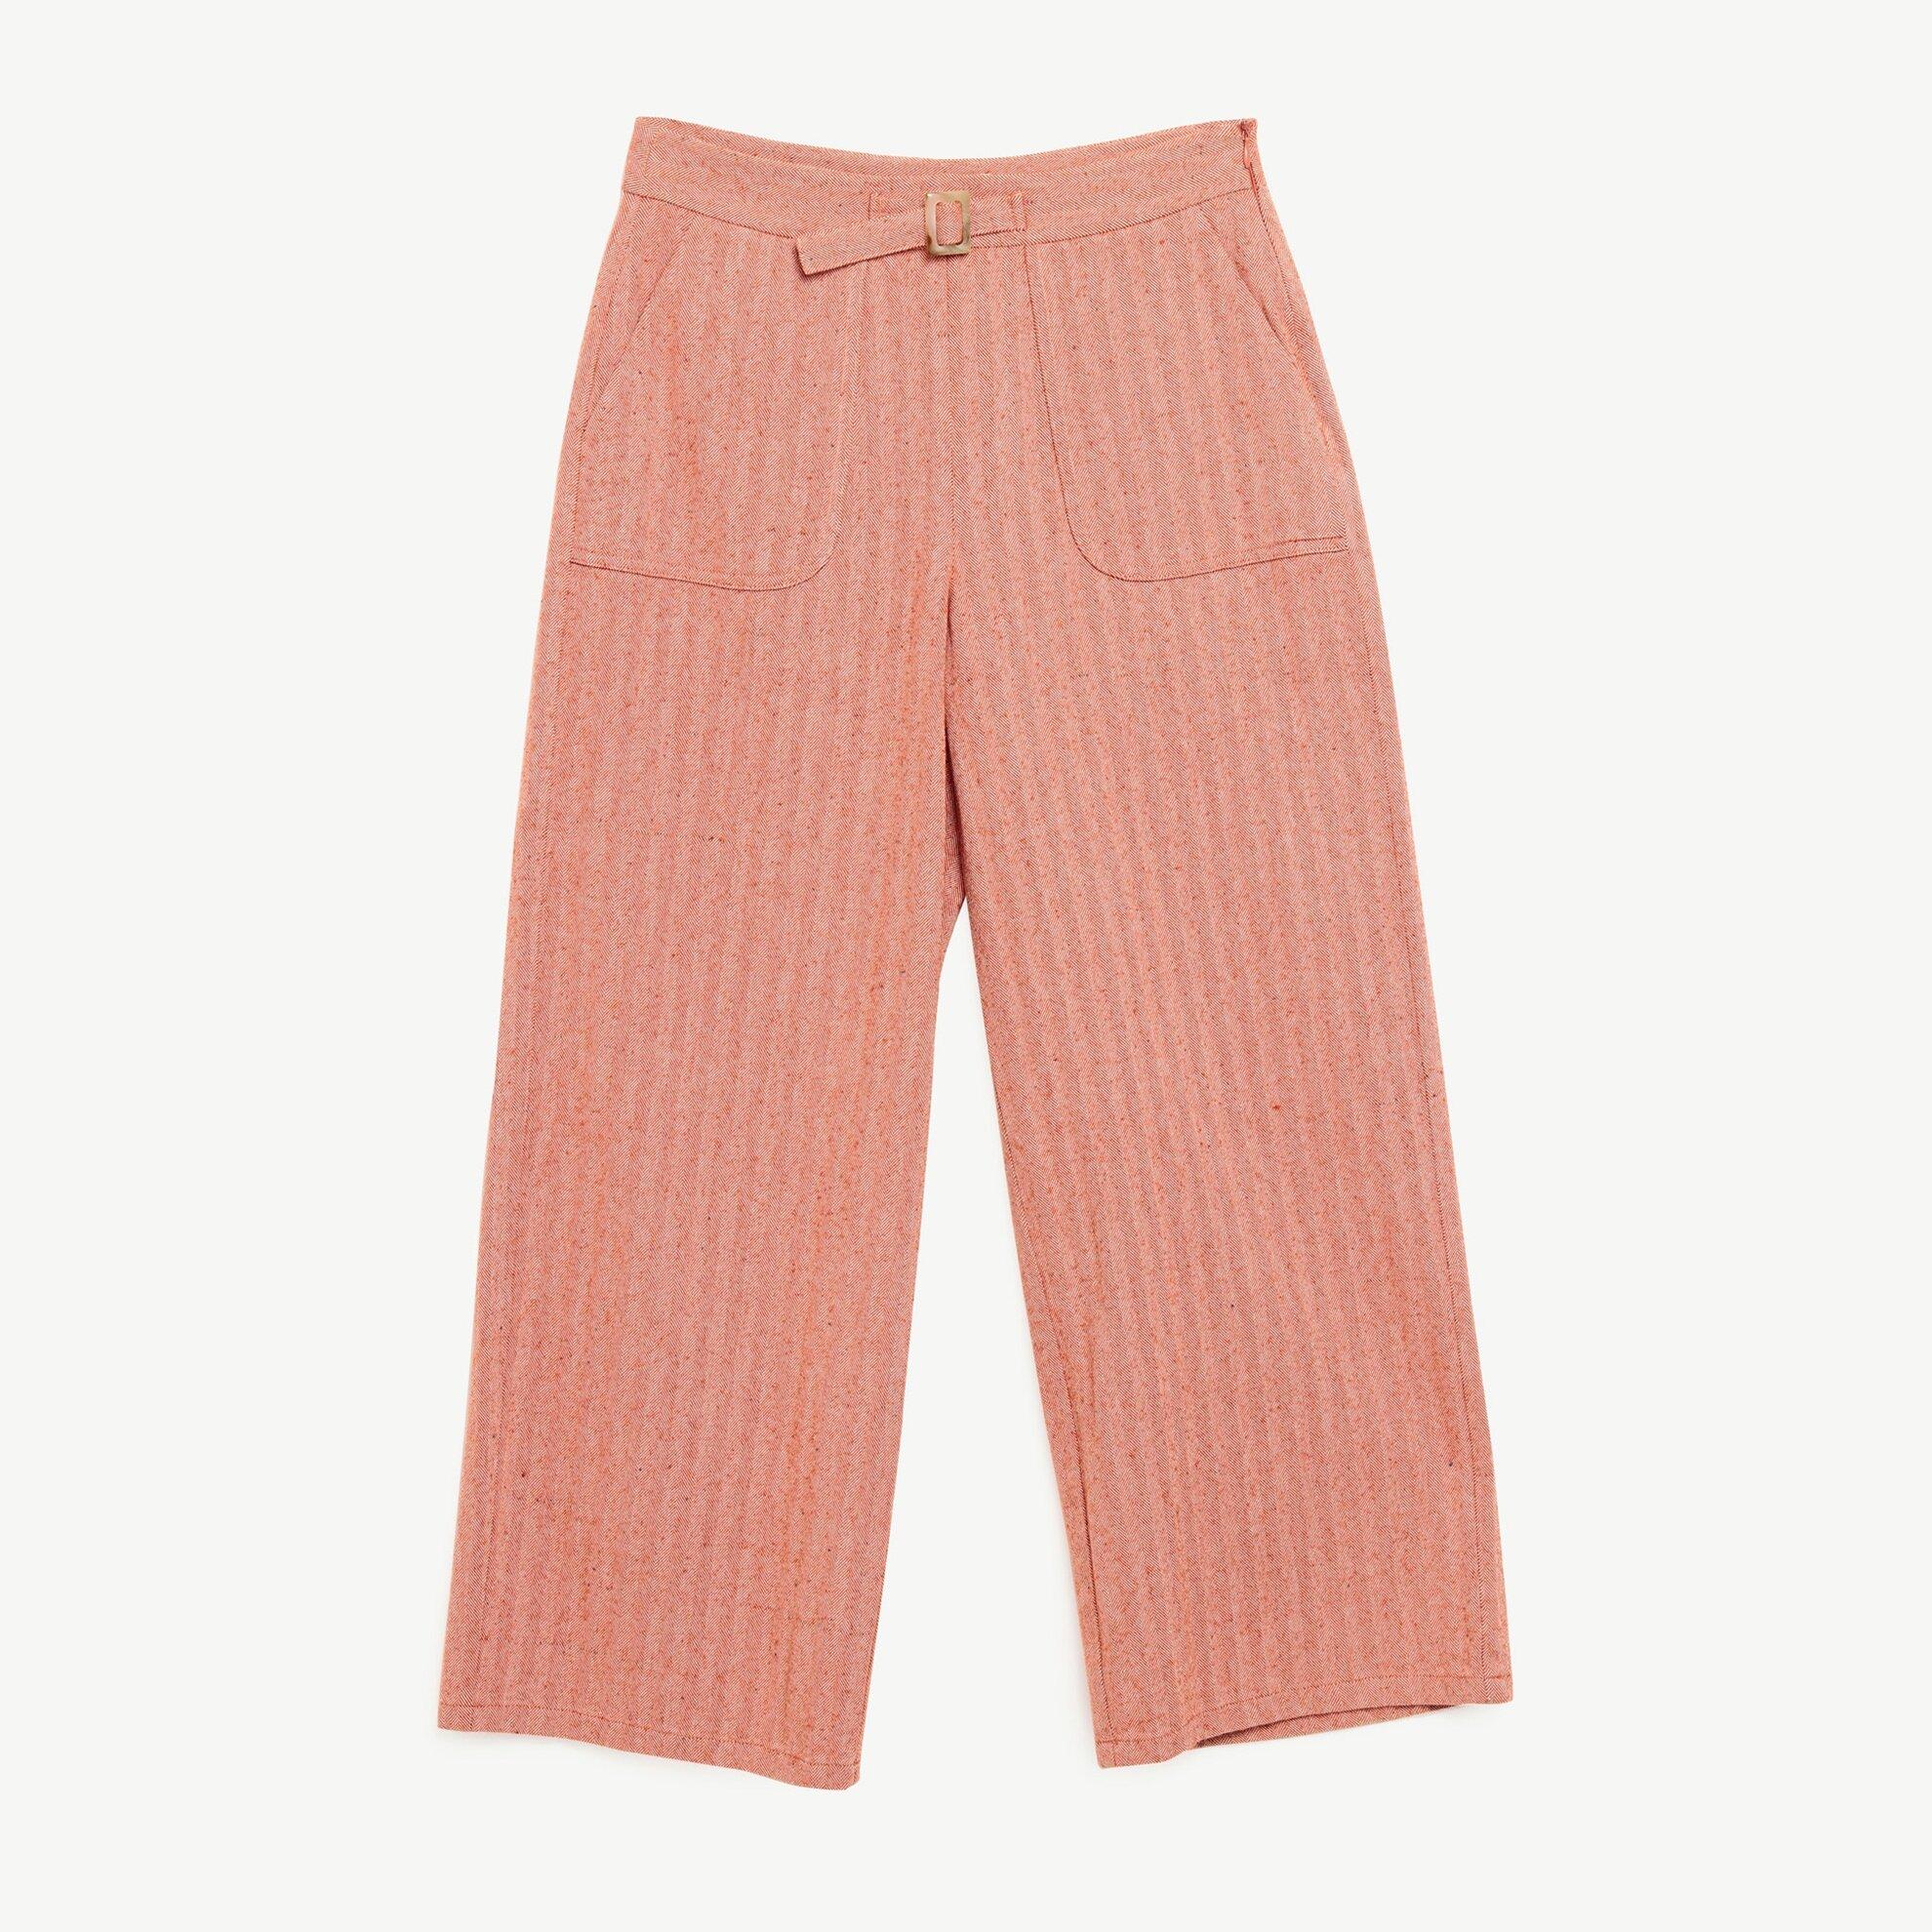 Cep Detayı Pantolon